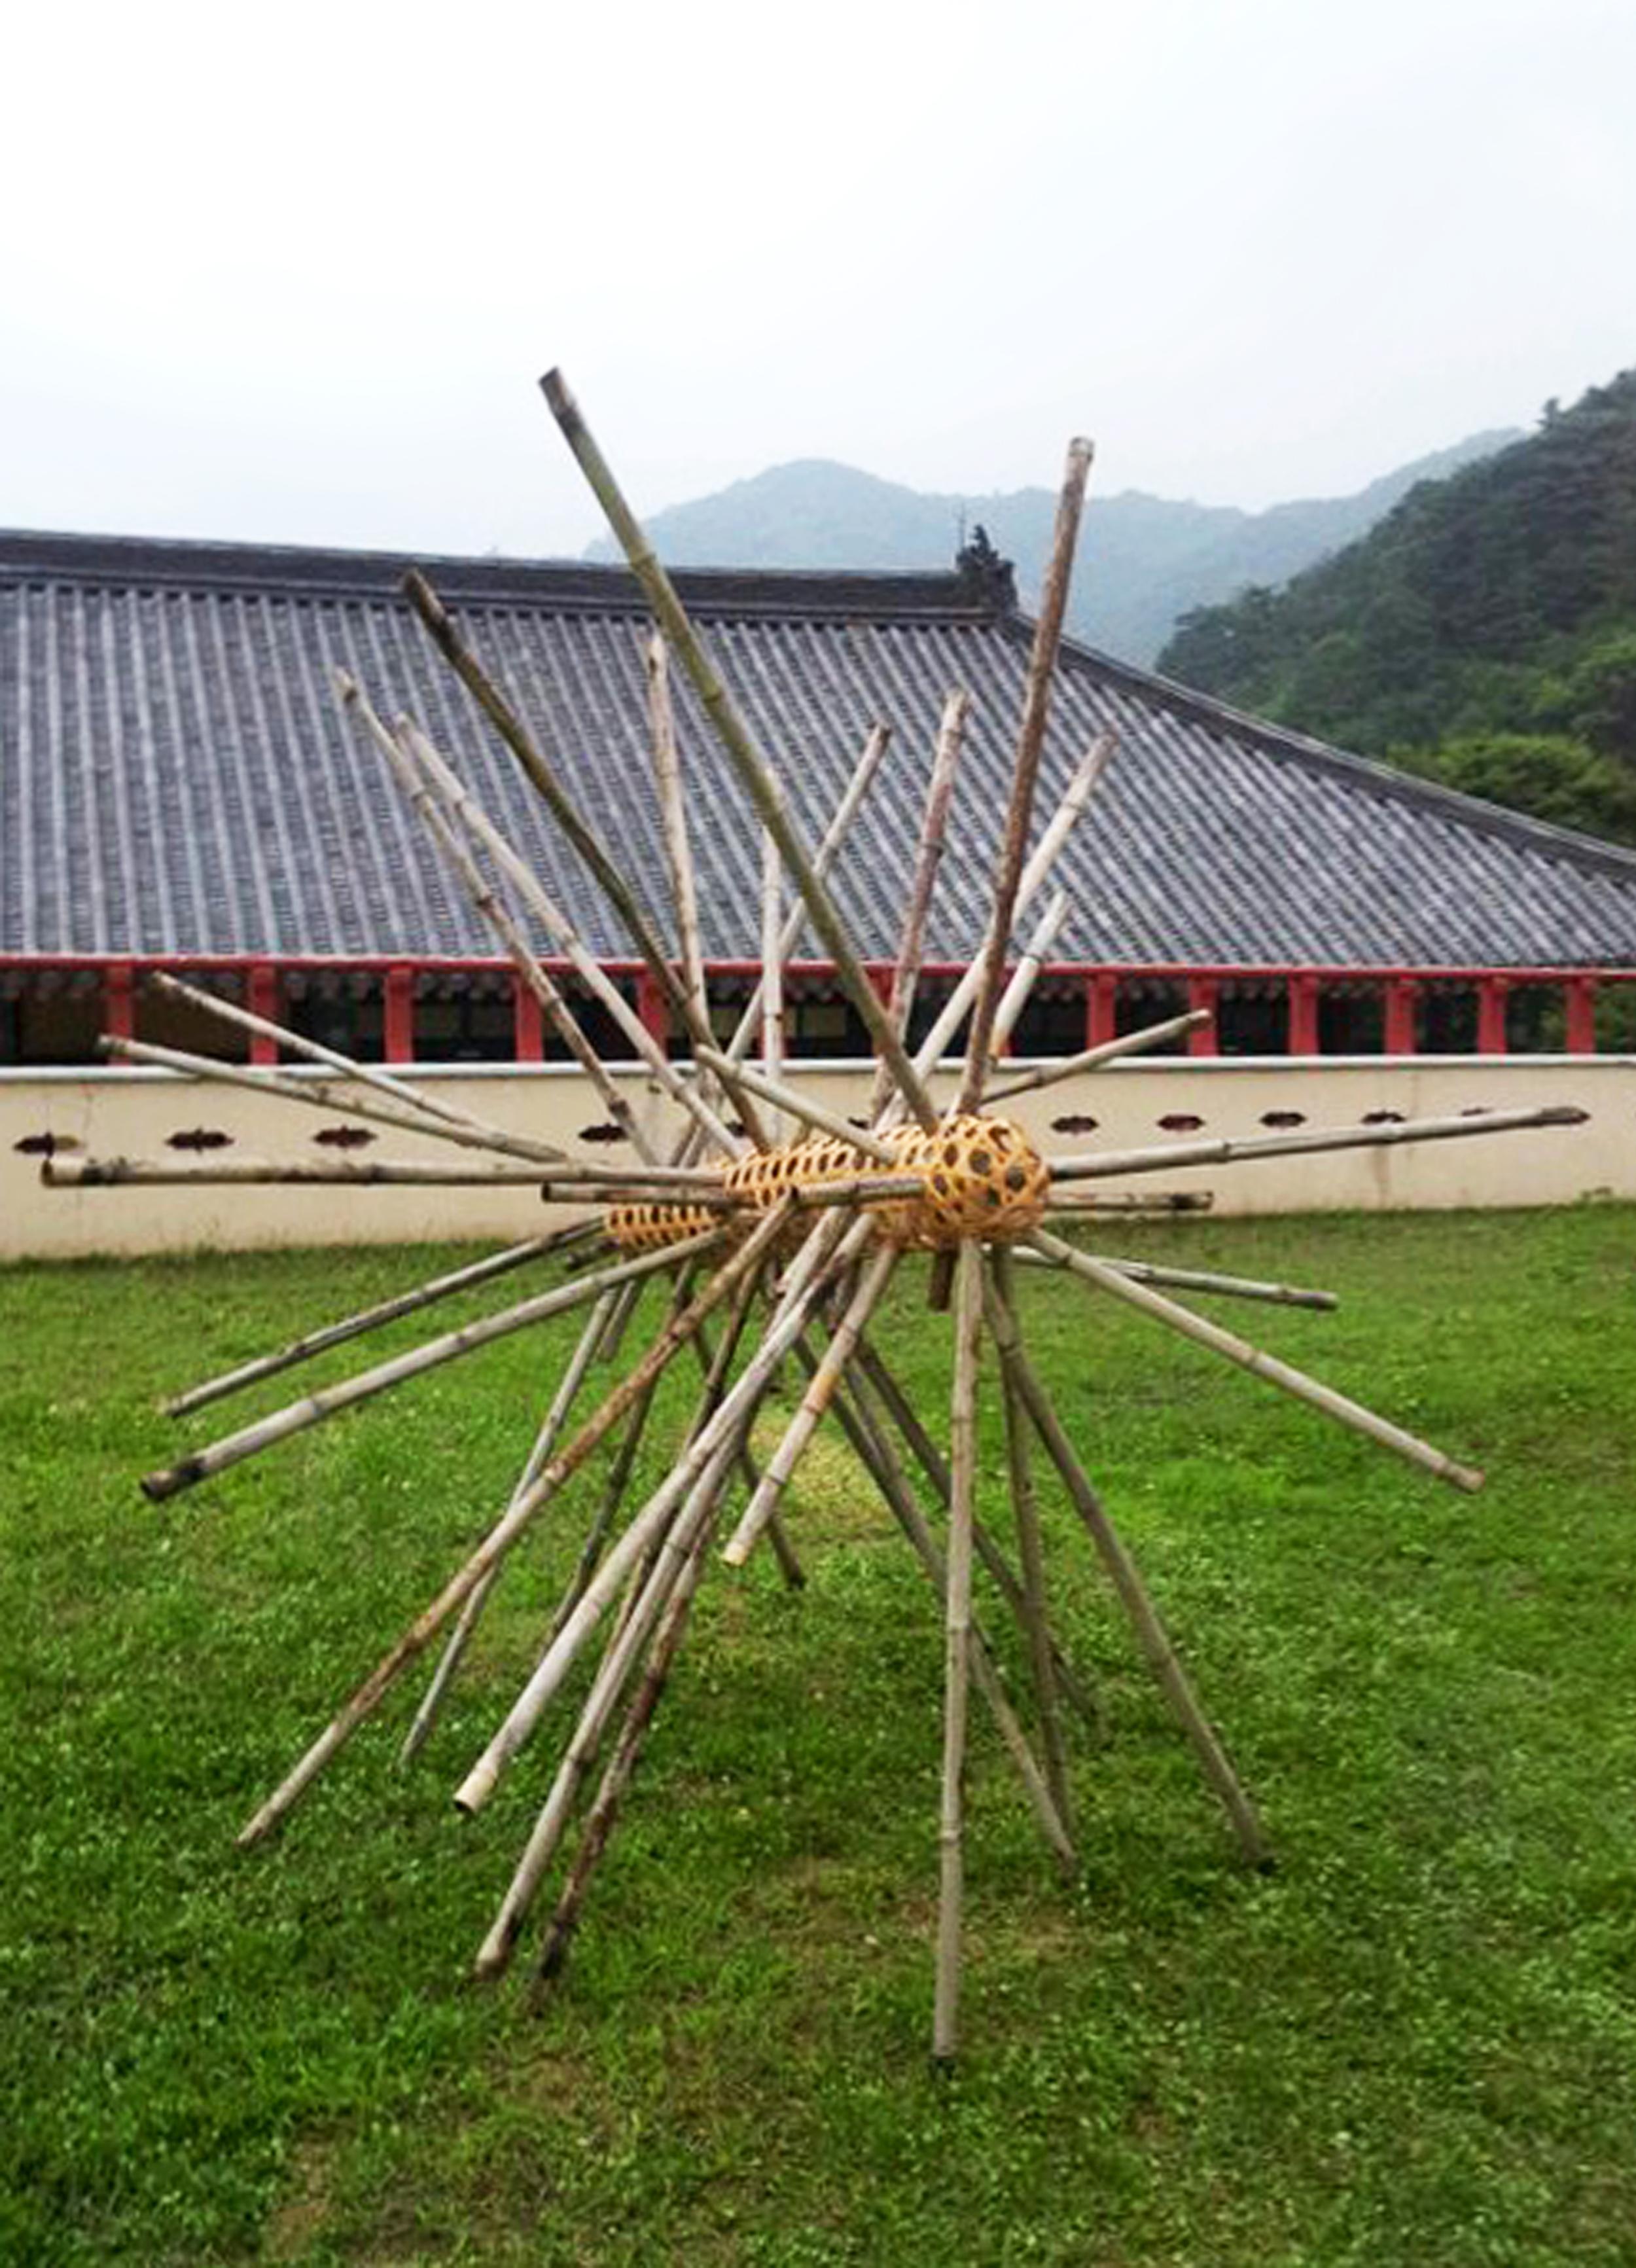 Bamboo'd